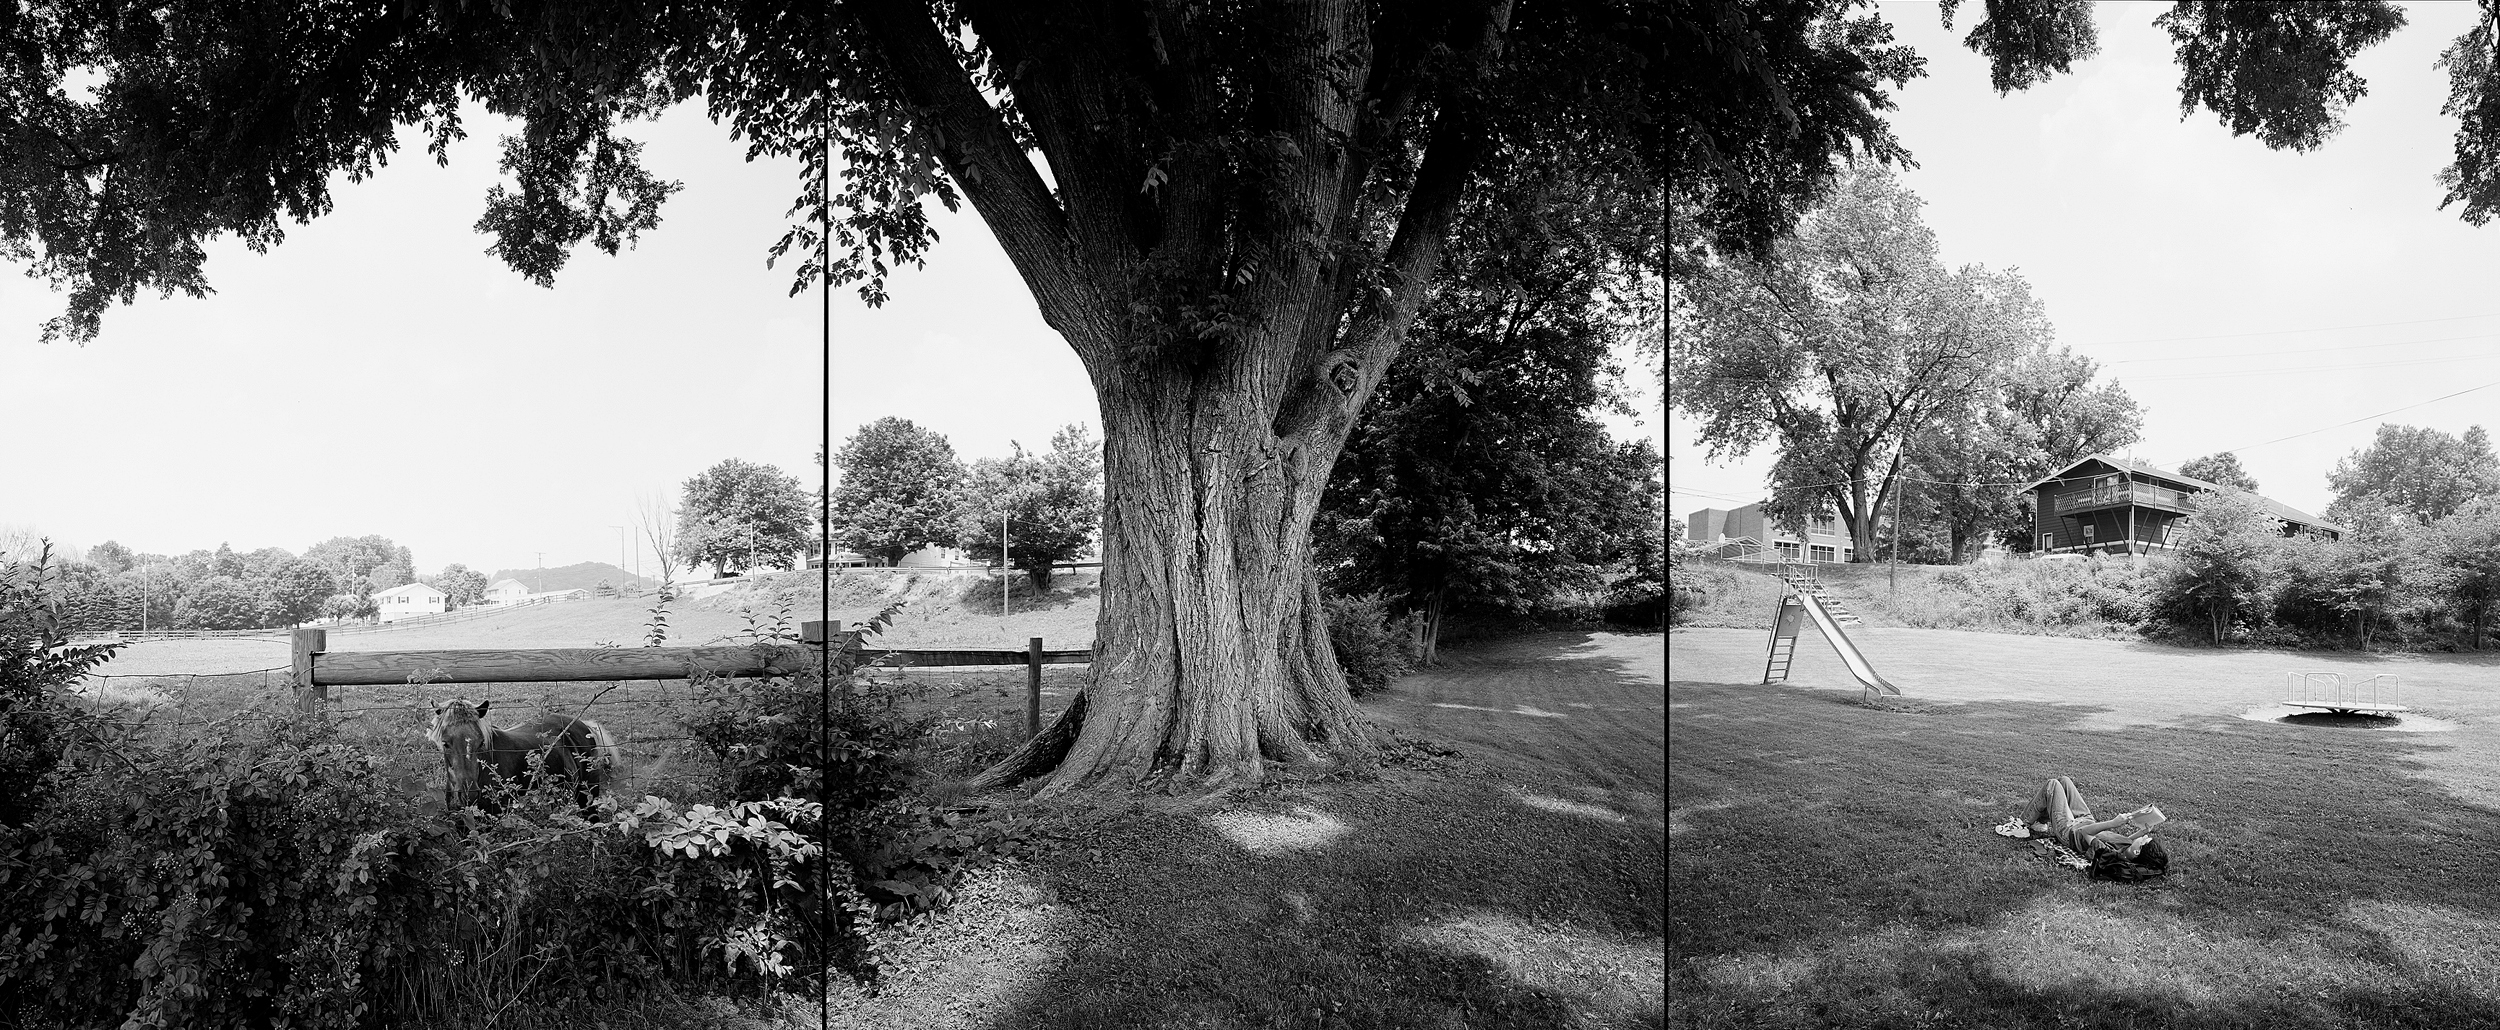 Slippery elm, Ohio, 2002